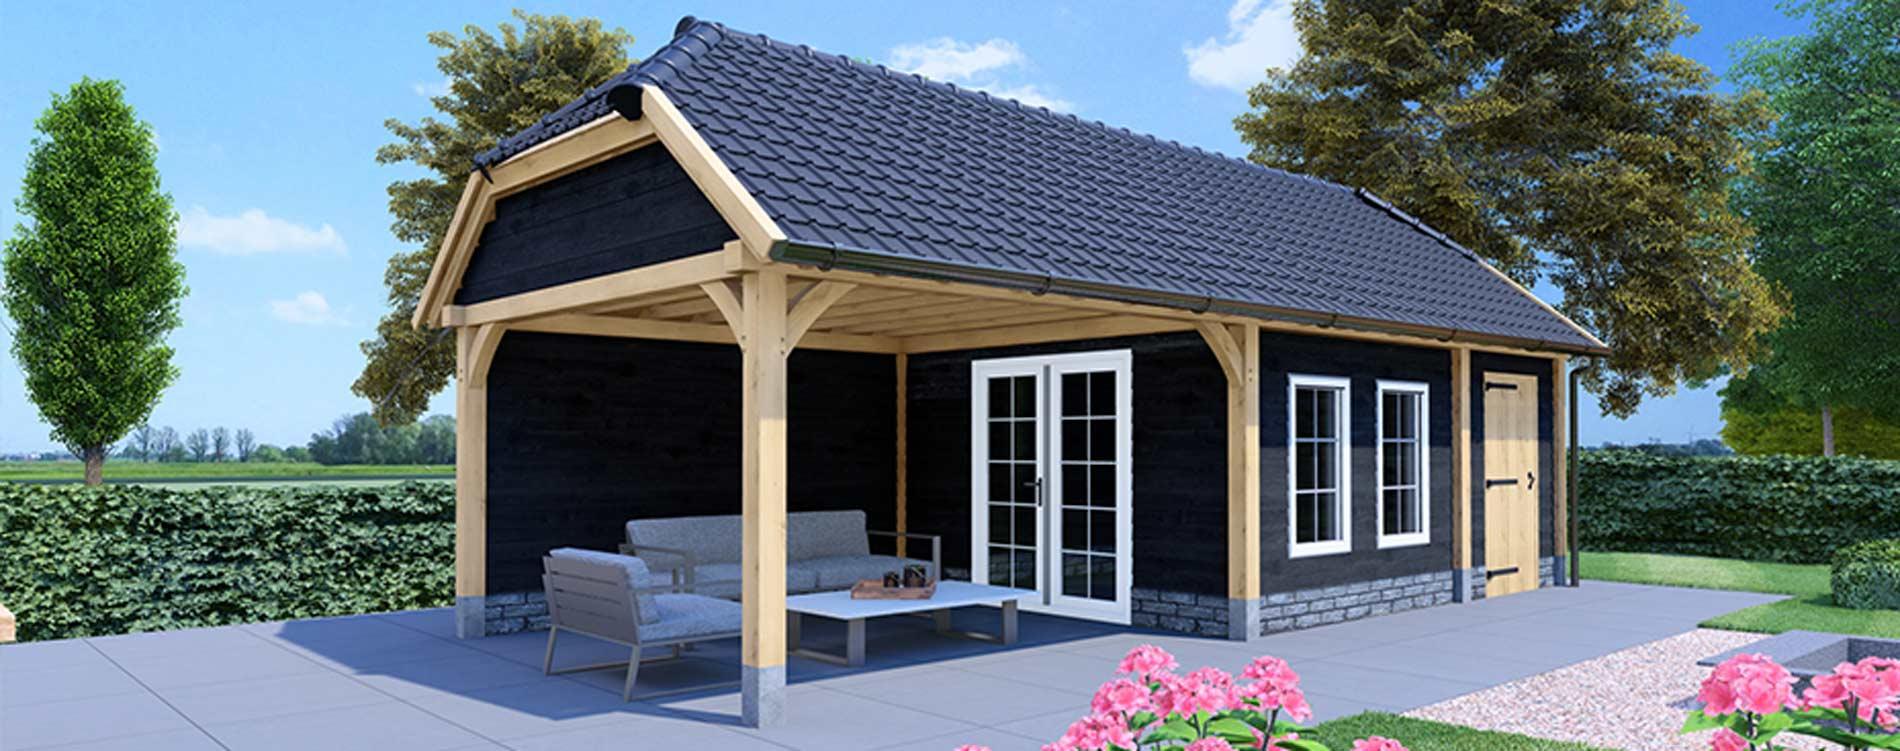 Houten schuur bouwen met wolfskap - wolfseinden - Exclusieve houtbouw aannemersbedrijf Wielink